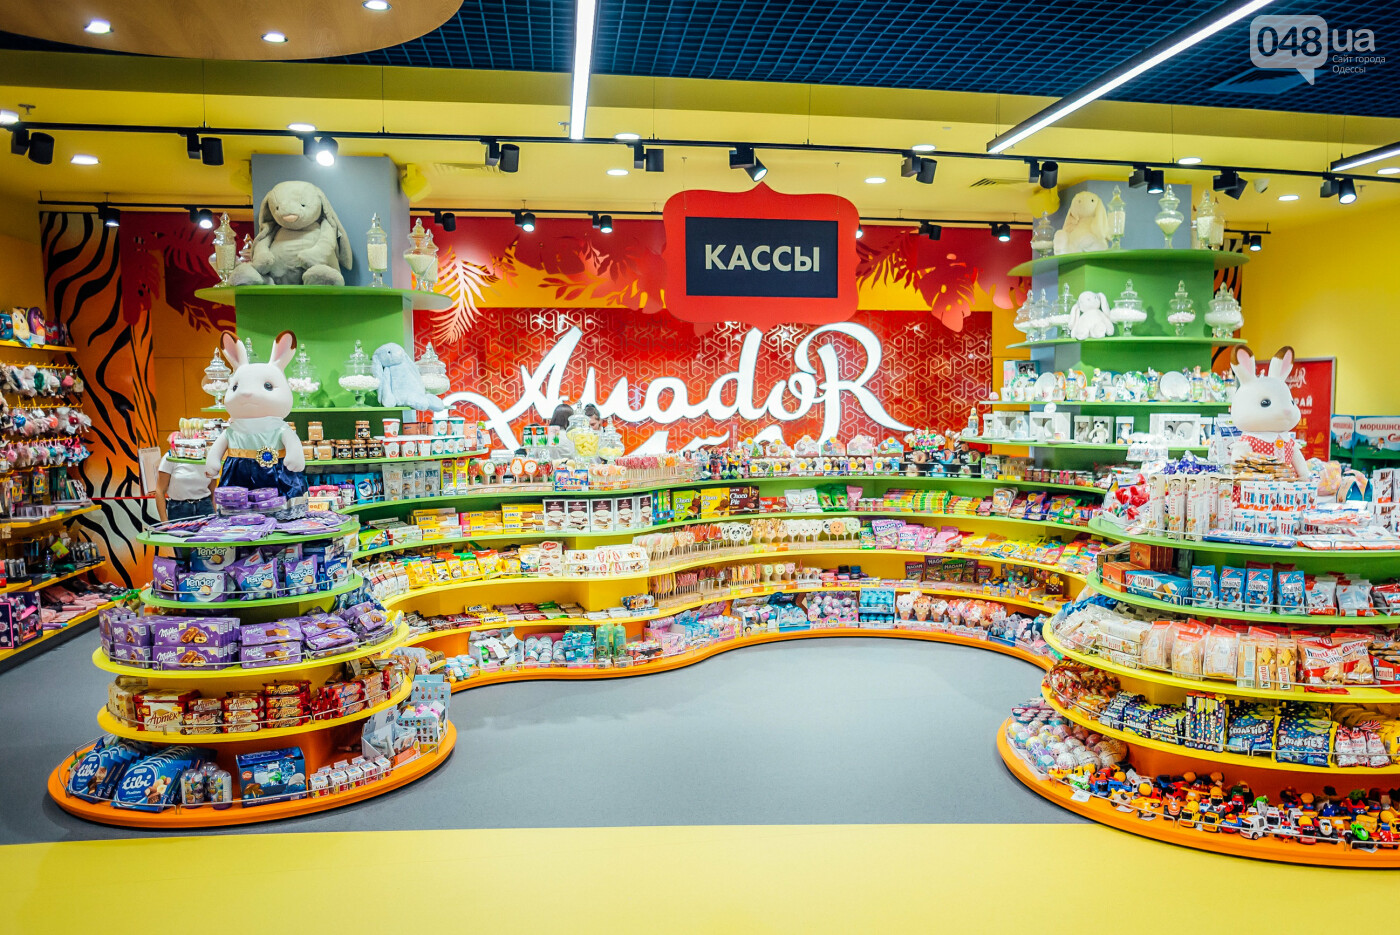 Крупнейший супермаркет детских товаров Amador запустил бесплатную доставку до дверей, фото-1